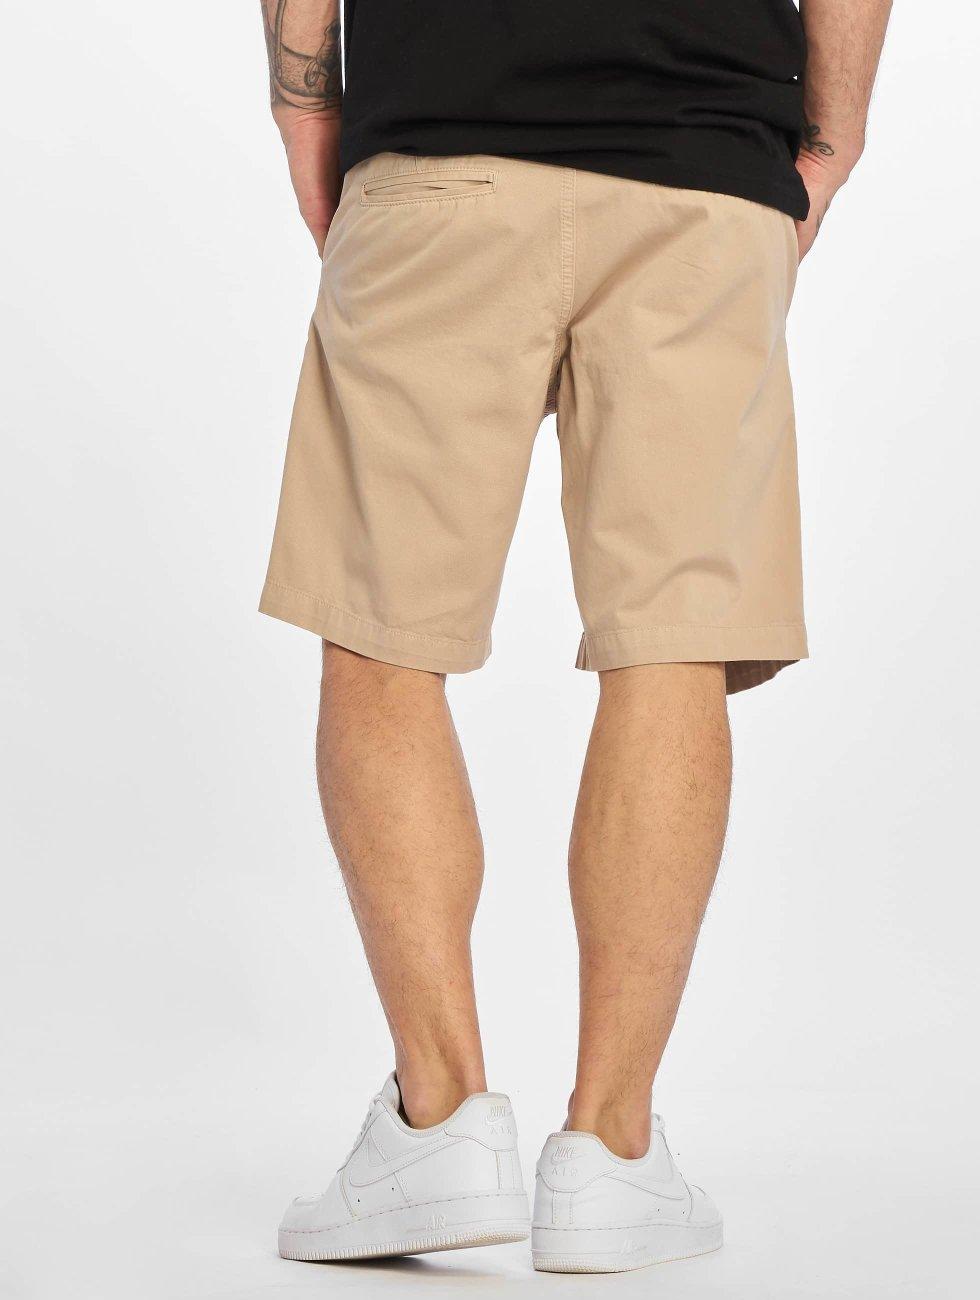 def broek shorts avignon in beige 319200. Black Bedroom Furniture Sets. Home Design Ideas